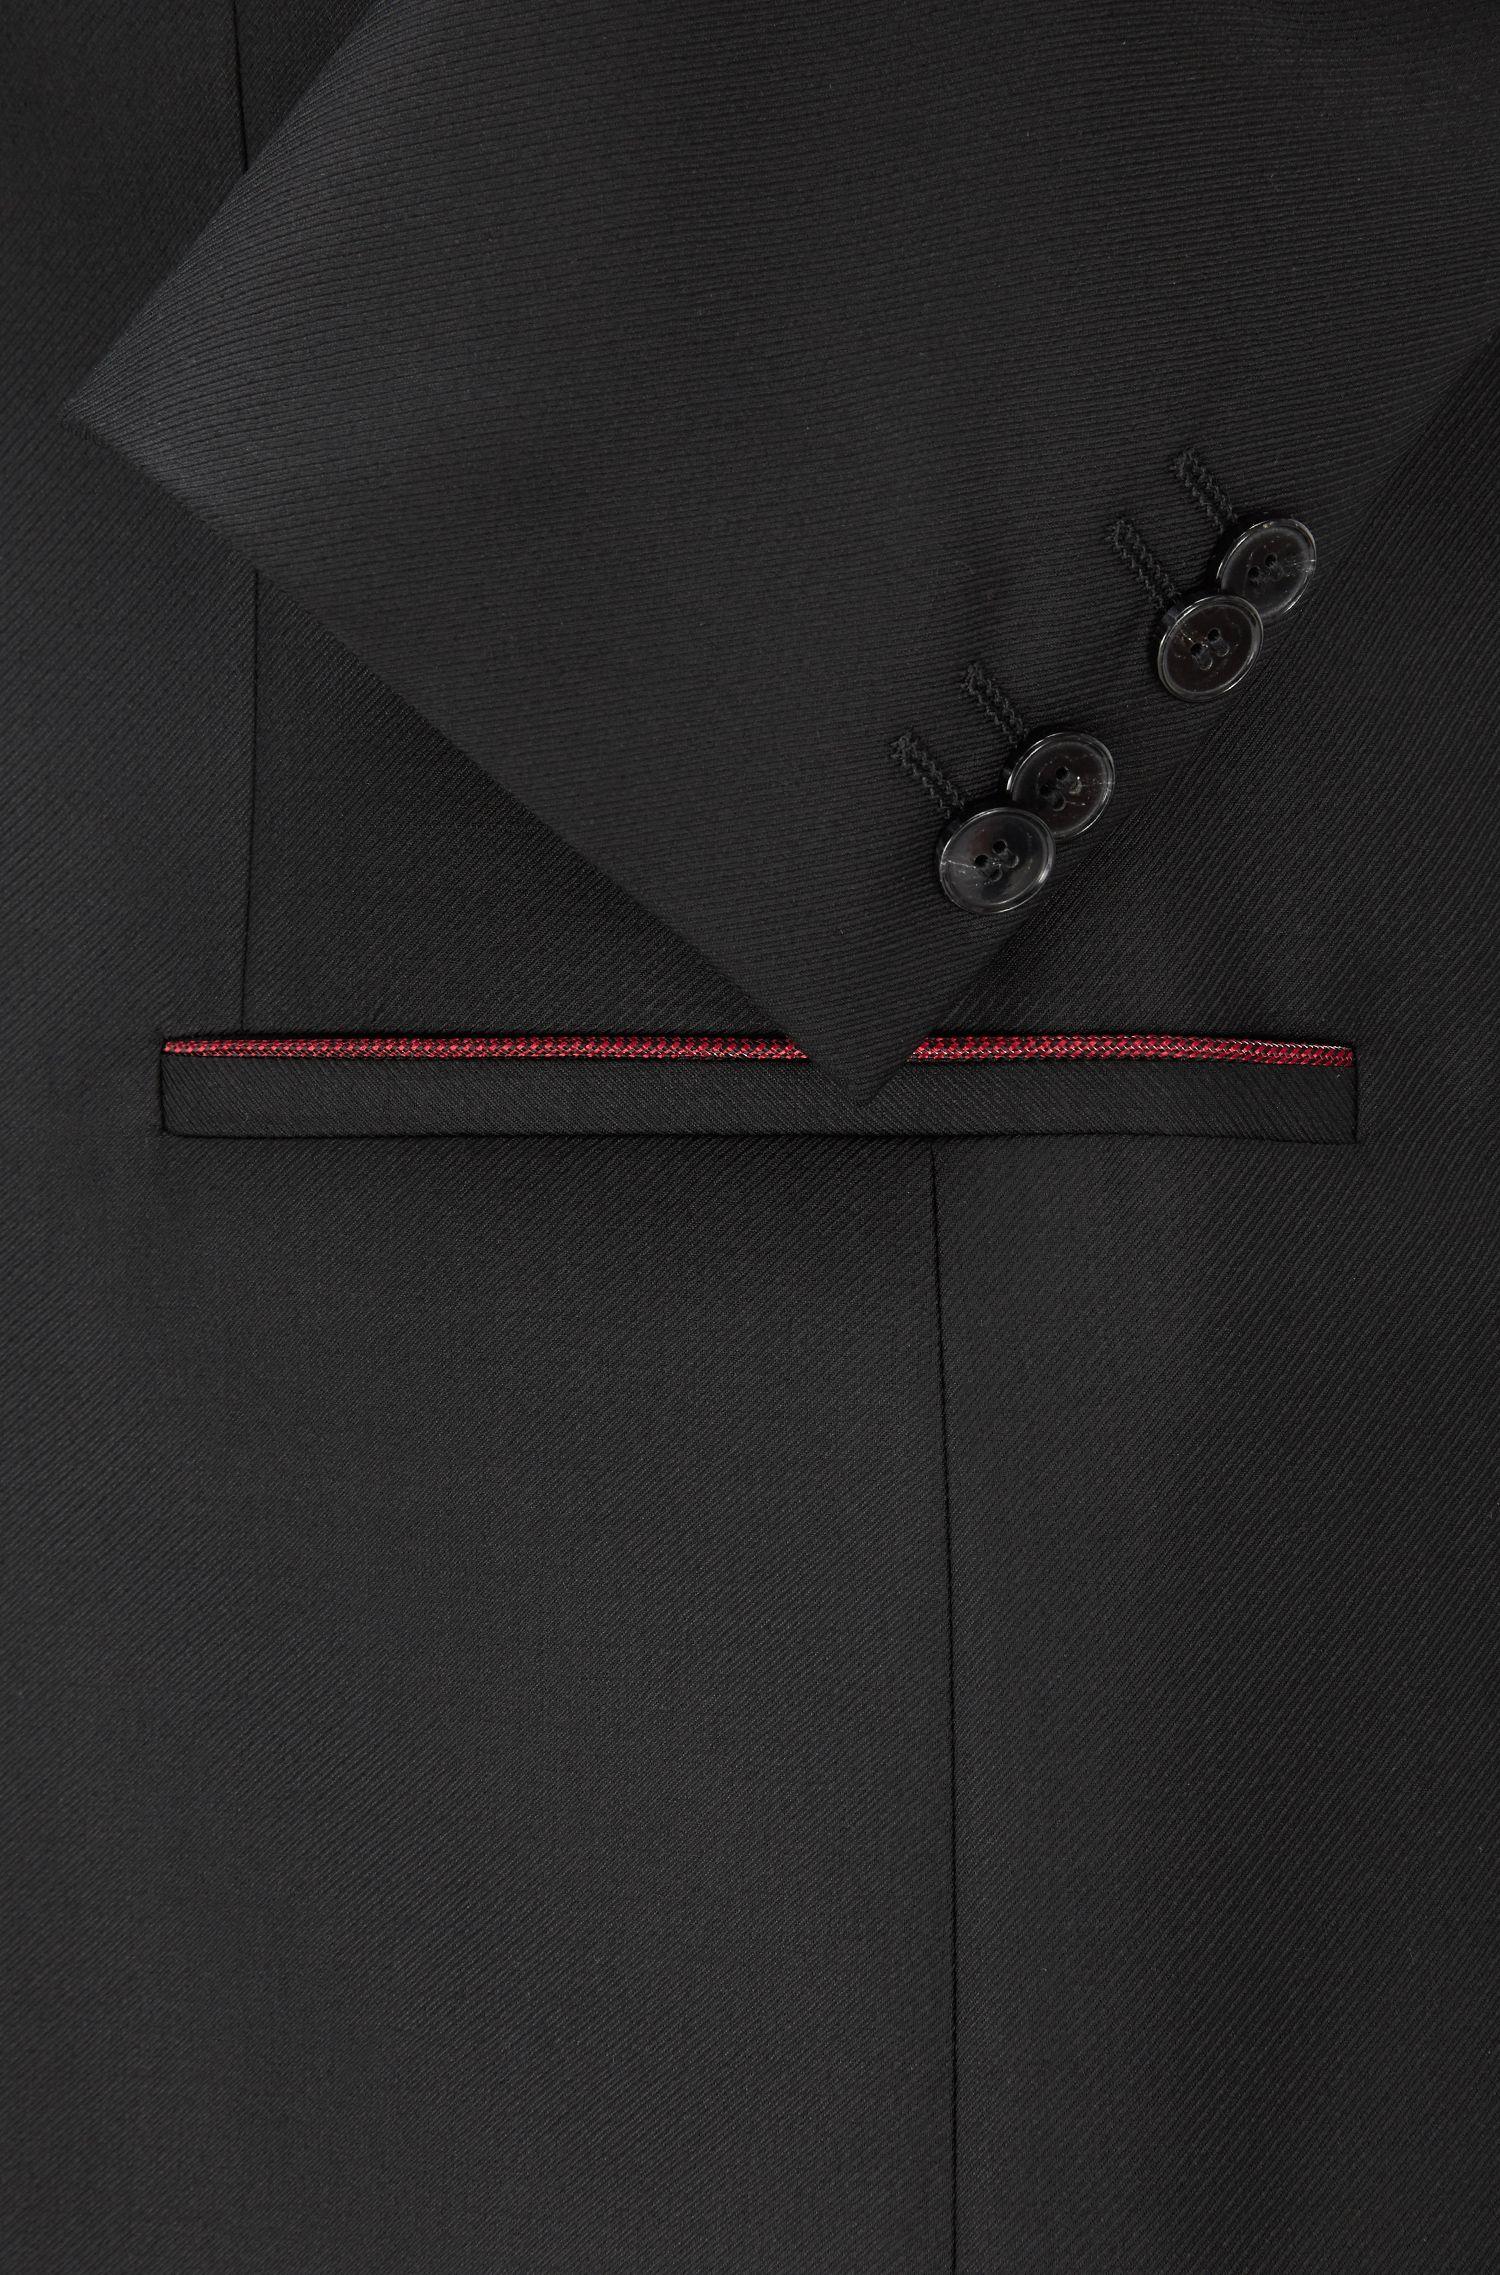 Contrast Virgin Wool Blend Sport Coat, Slim Fit | Arins, Black